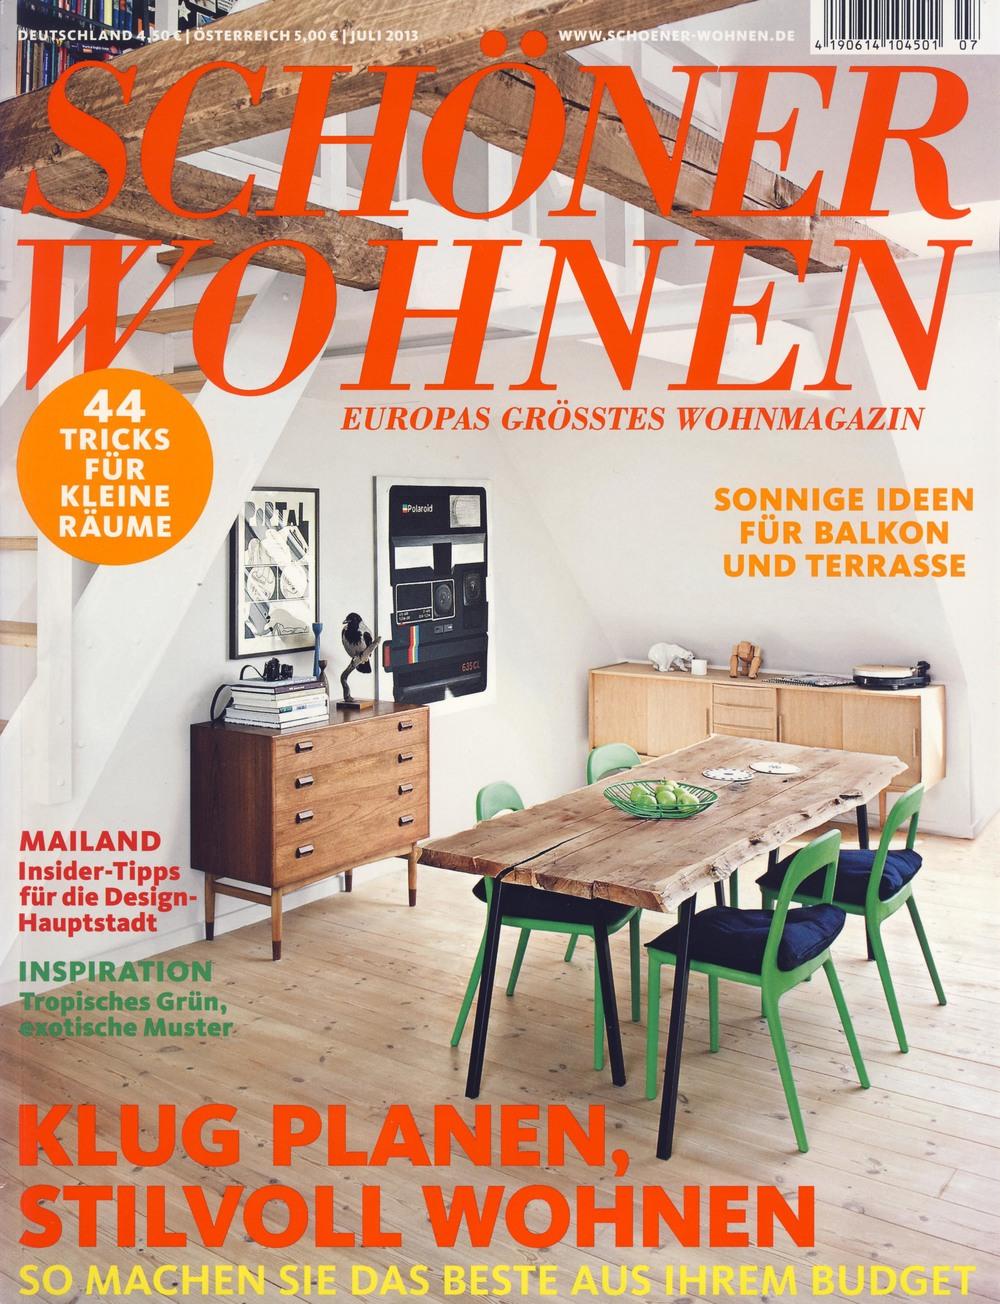 schoener_wohnen_cover_w.jpg